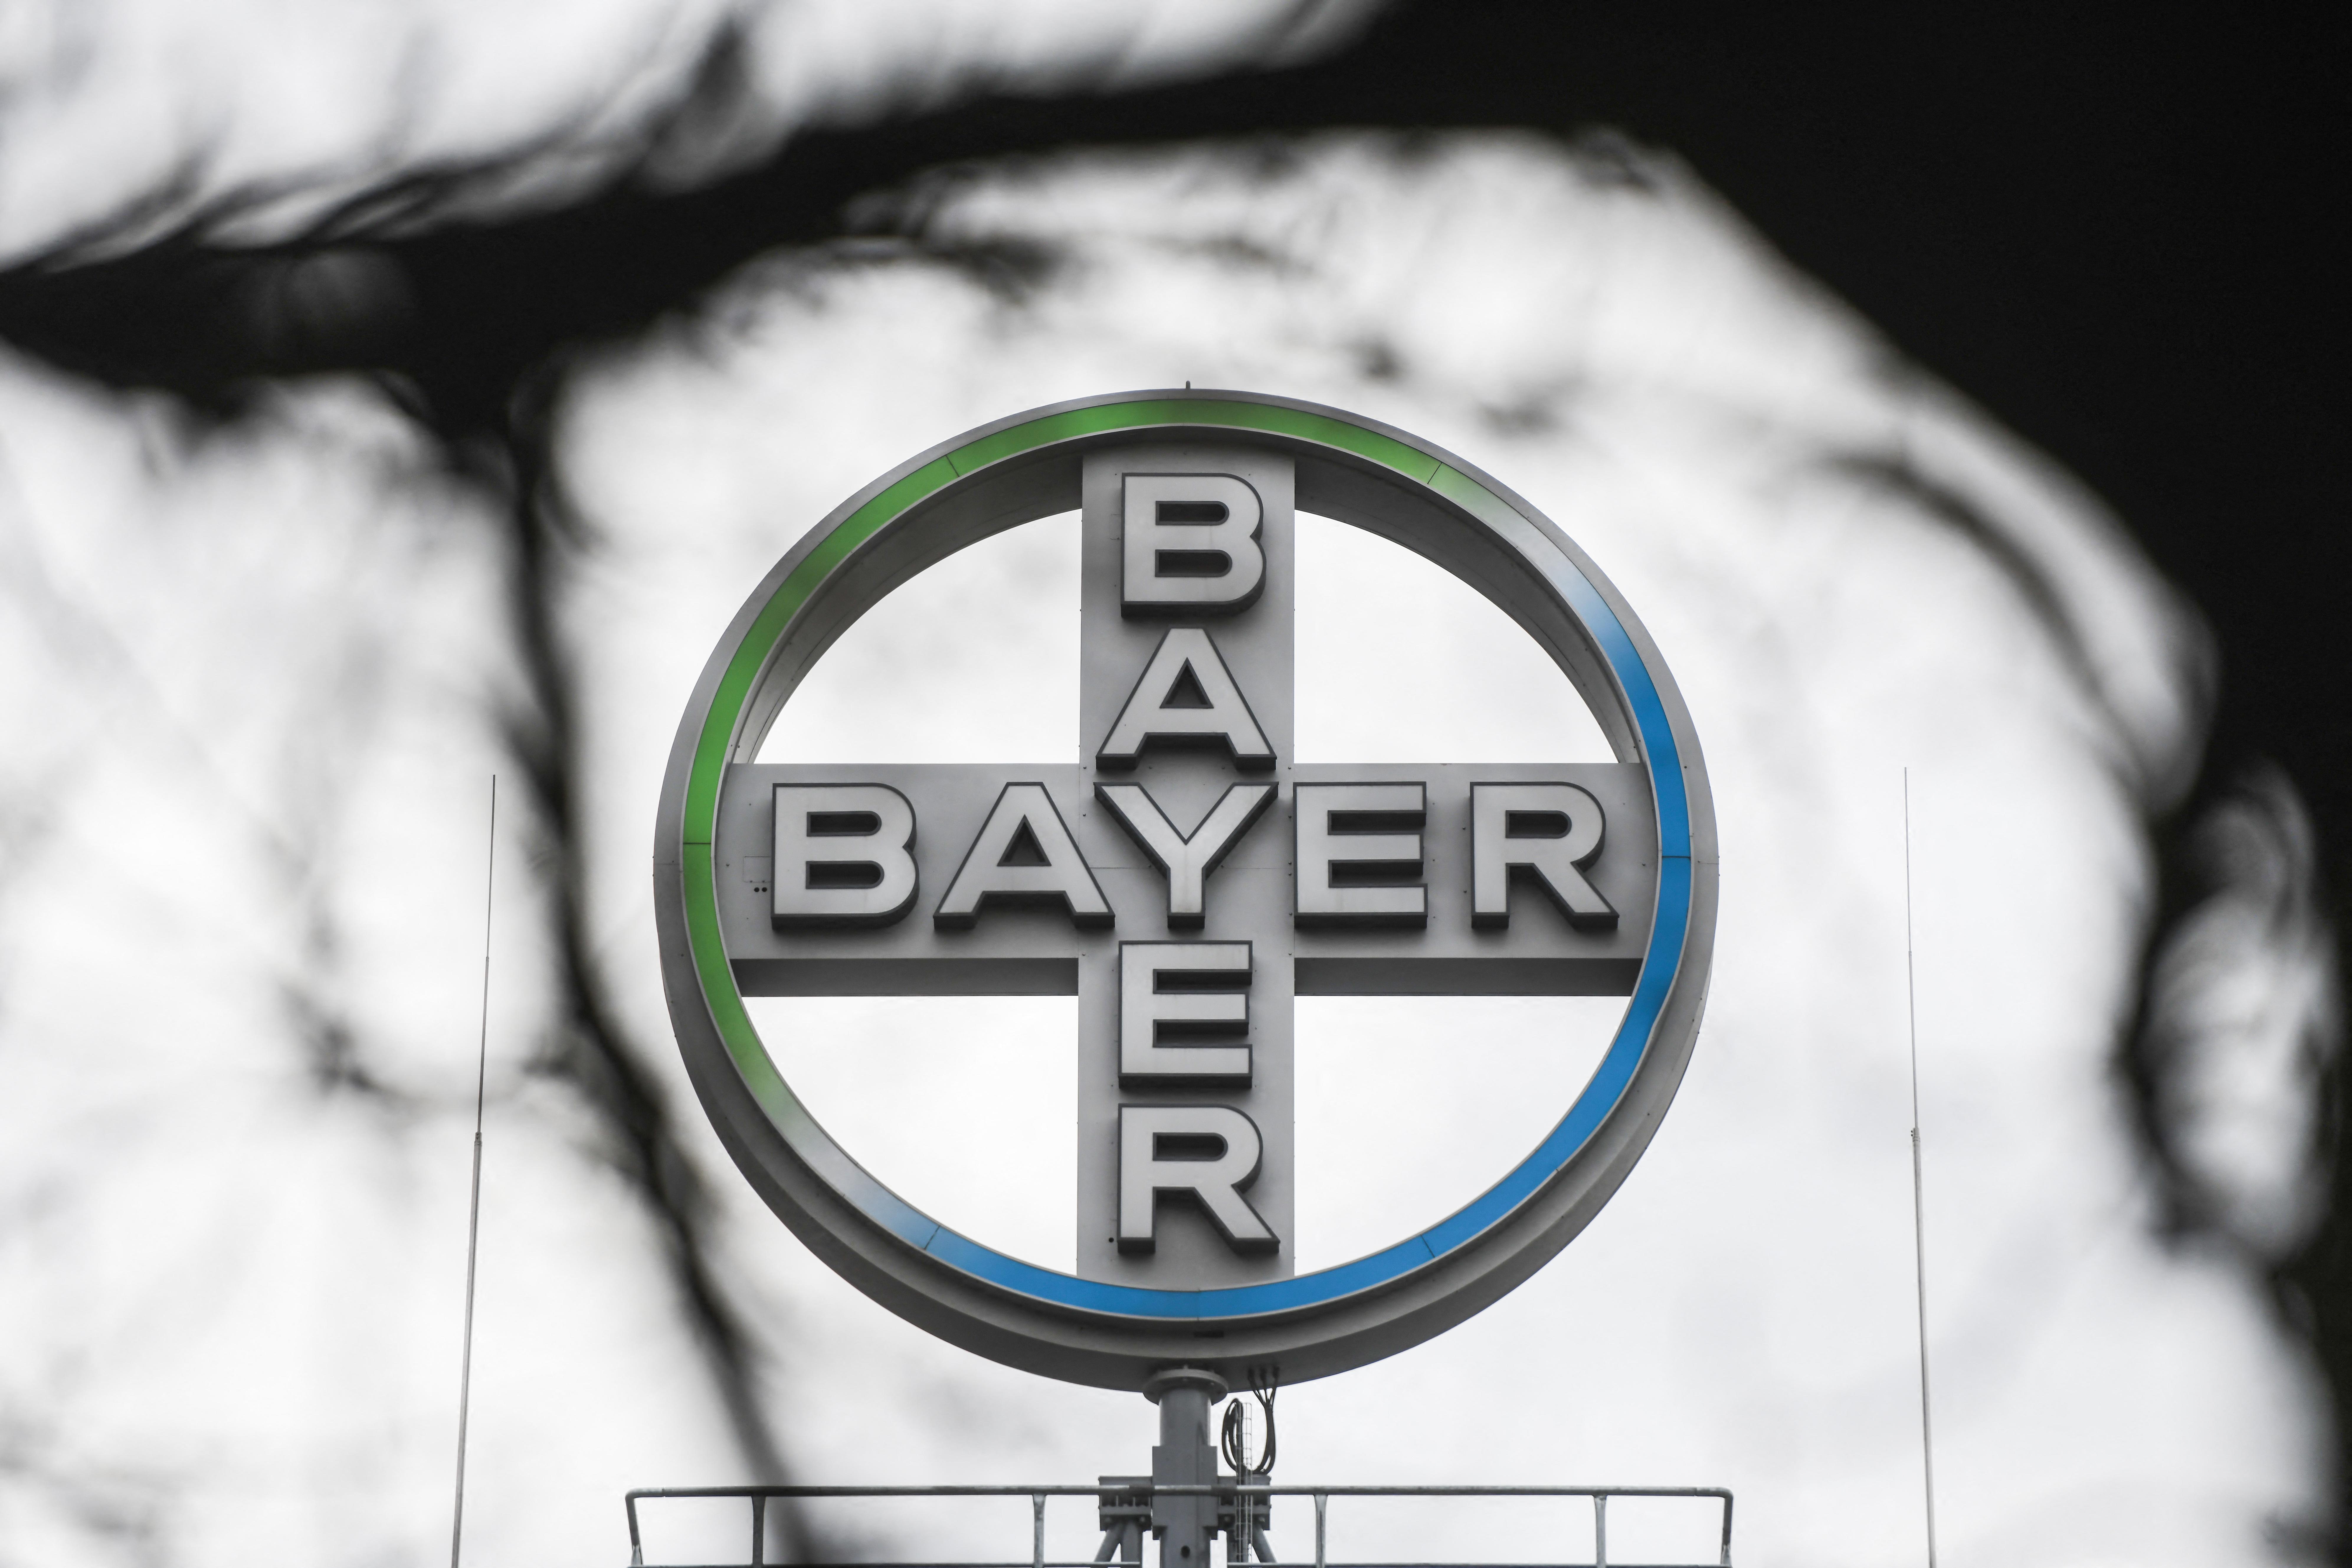 Le géant de la pharmacie et de l'agrochimie Bayer supprime 474 postes en France